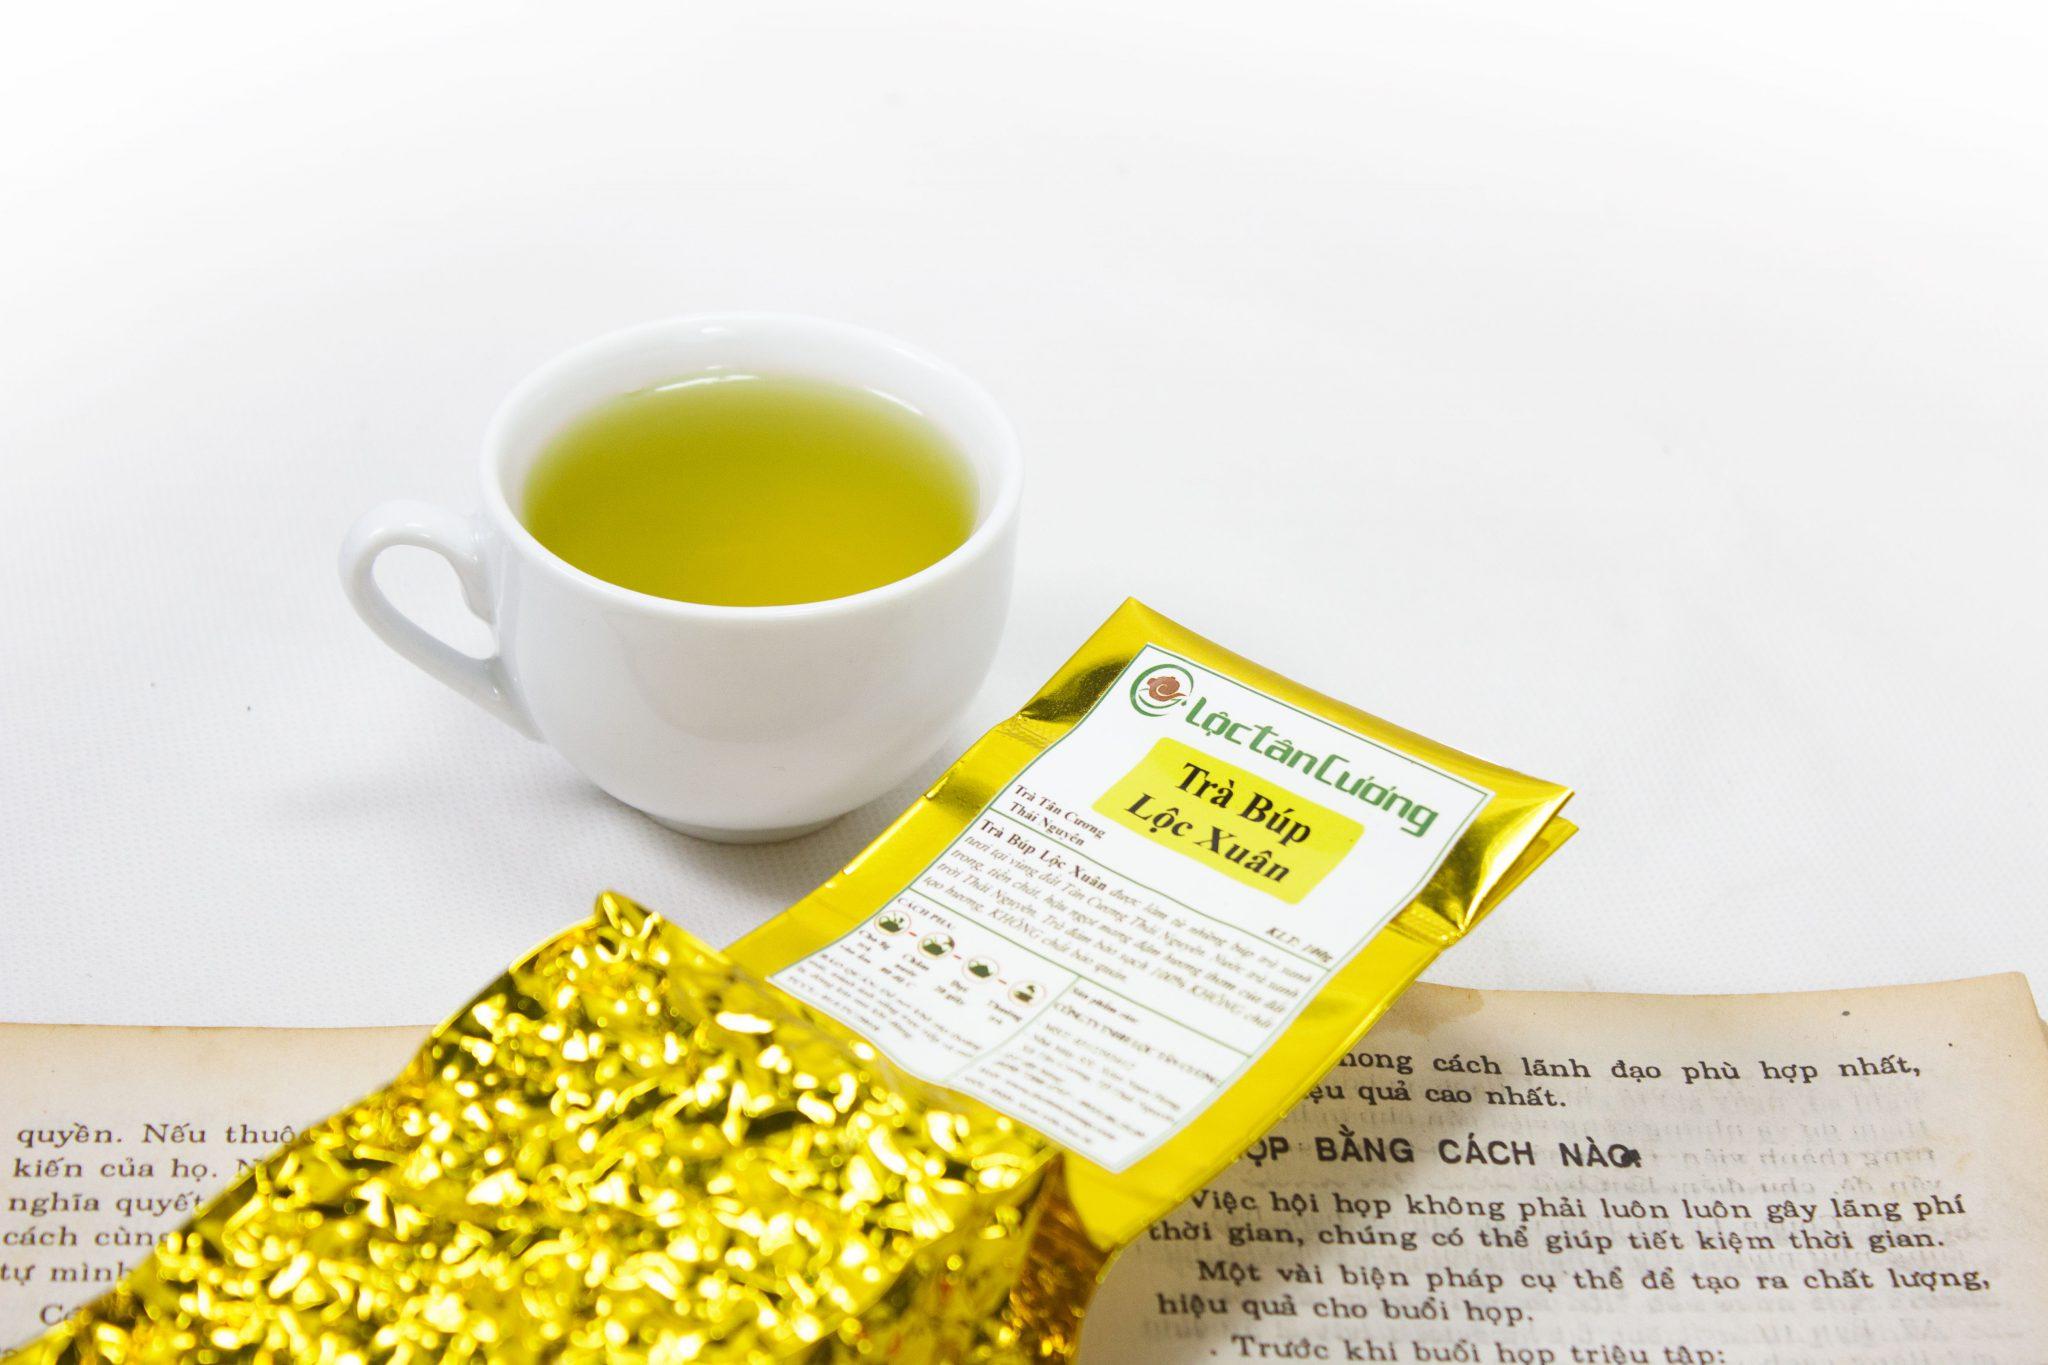 Sắc nước vàng ong, sánh của chè búp tân cương thái nguyên đẹp cuốn hút người thưởng trà